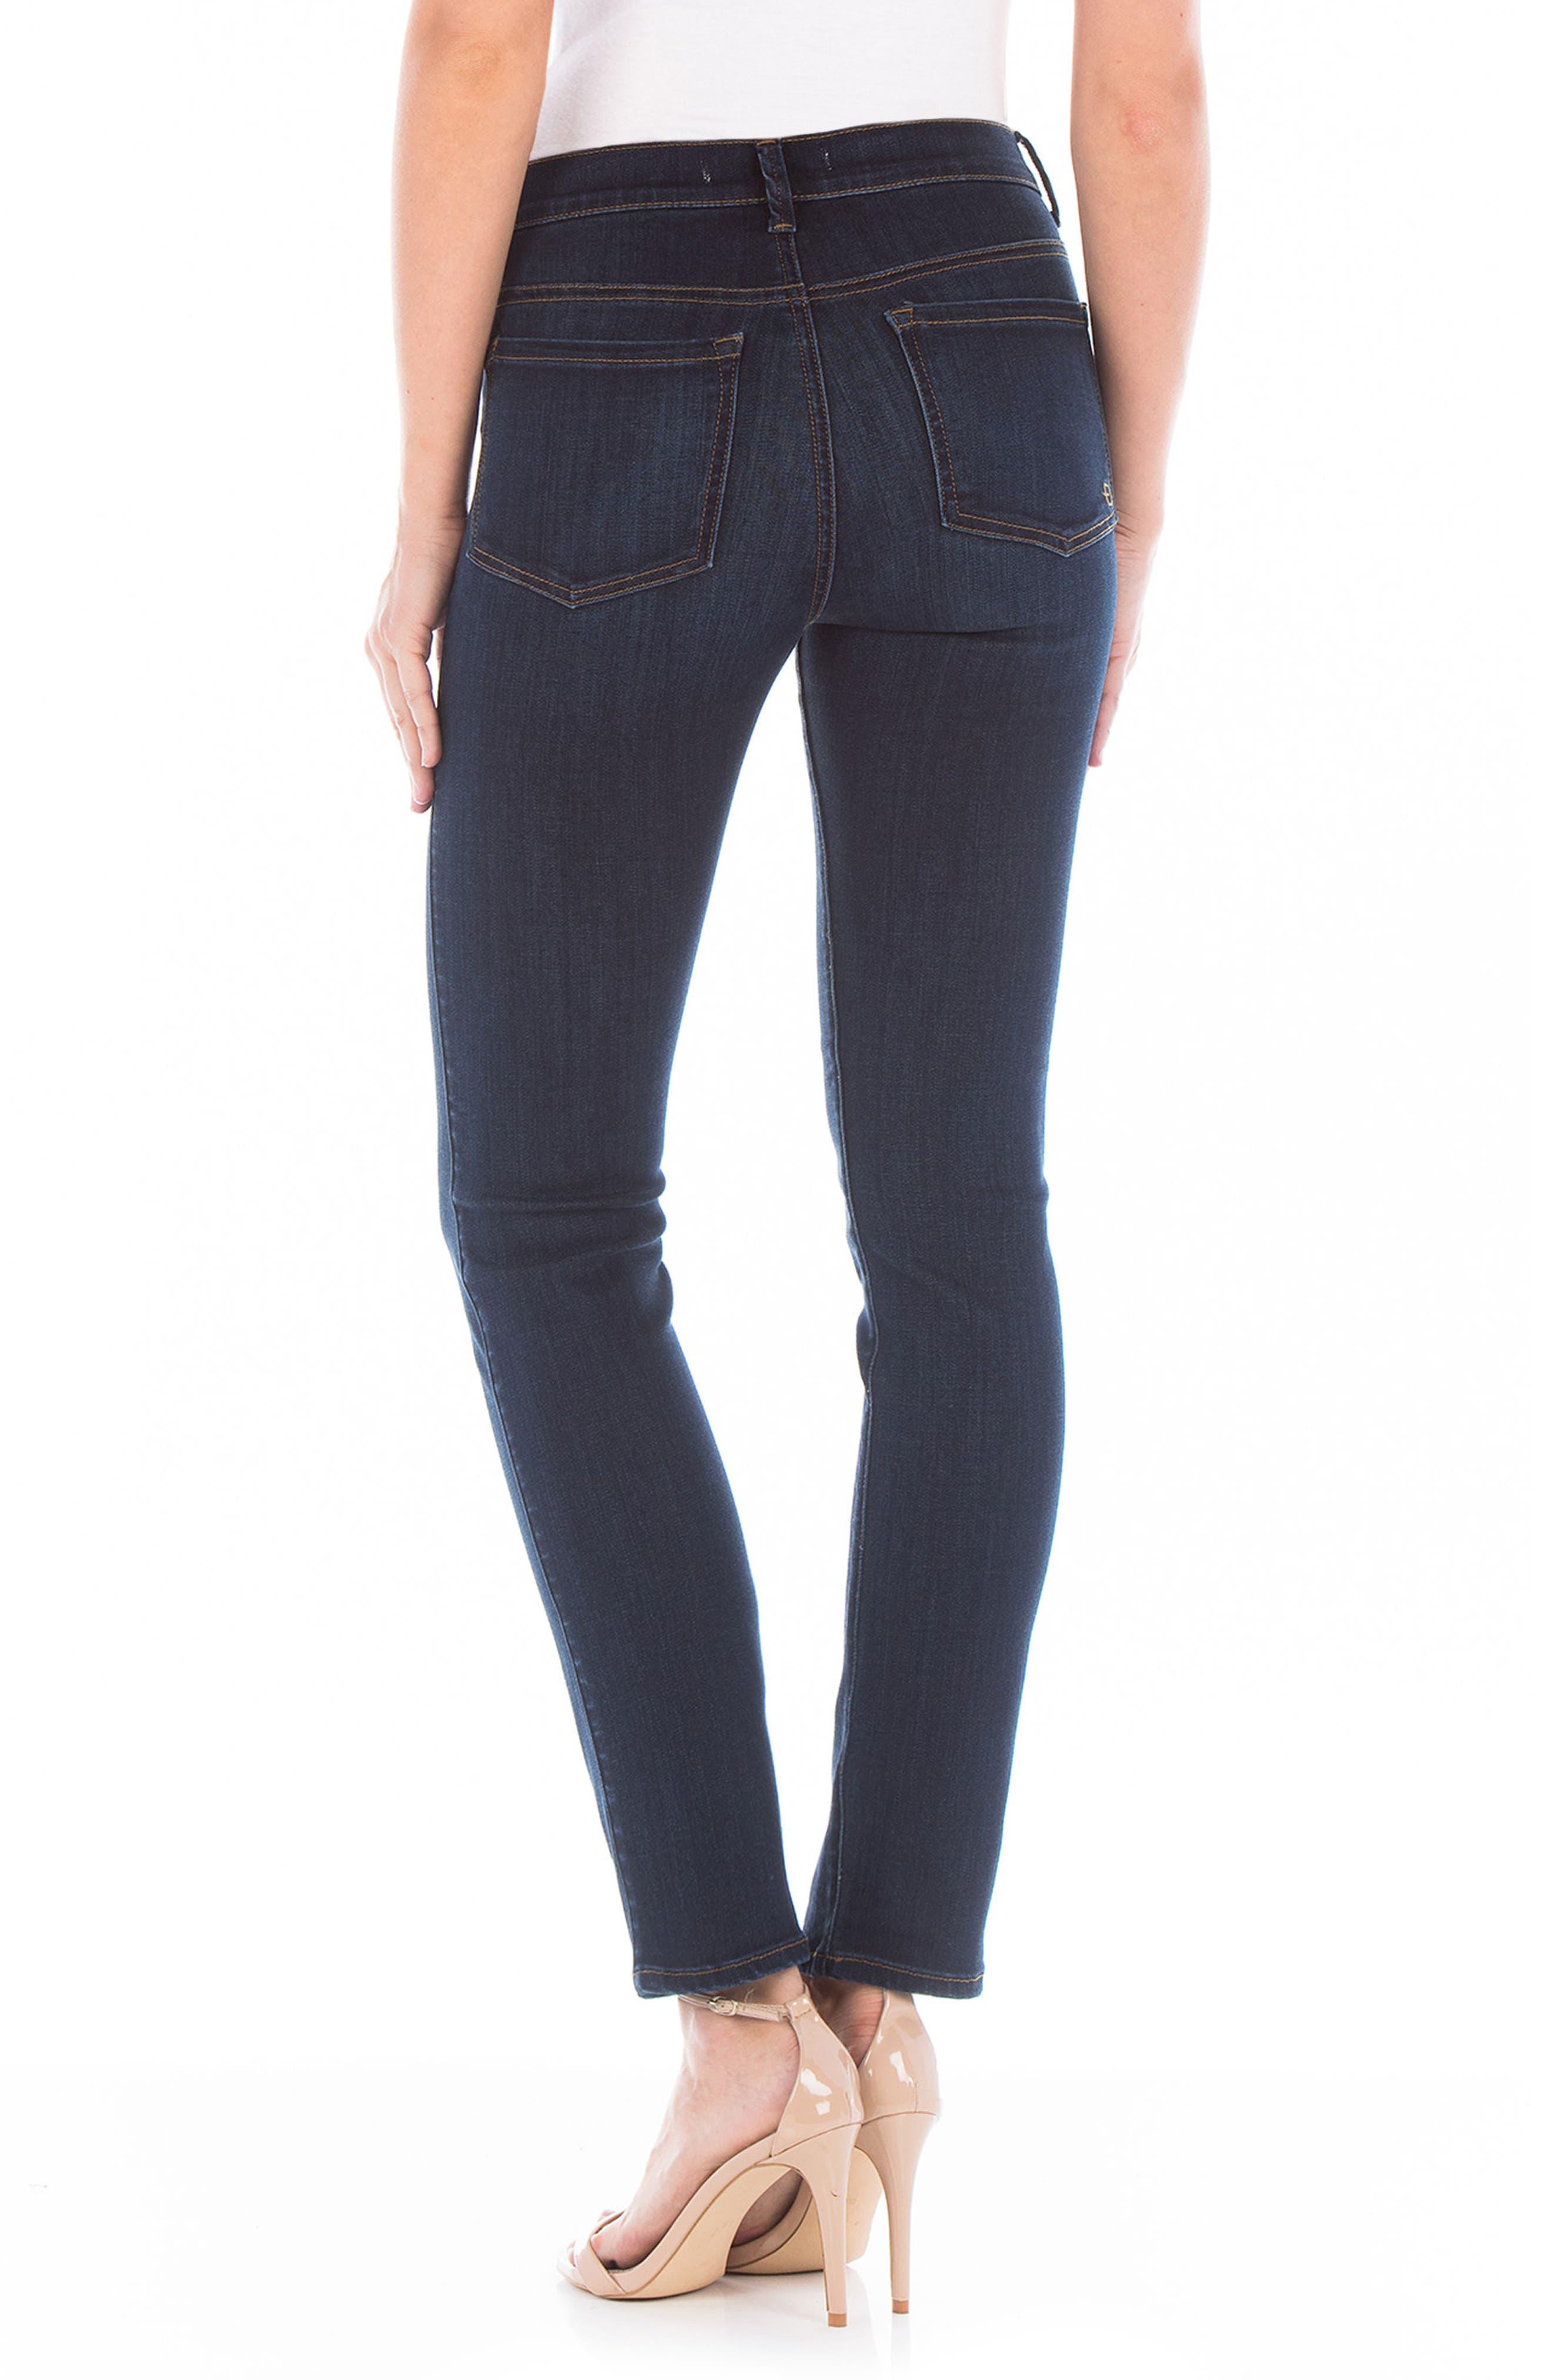 FIDELITY DENIM,                             Cher High Waist Slim Jeans,                             Alternate thumbnail 2, color,                             400